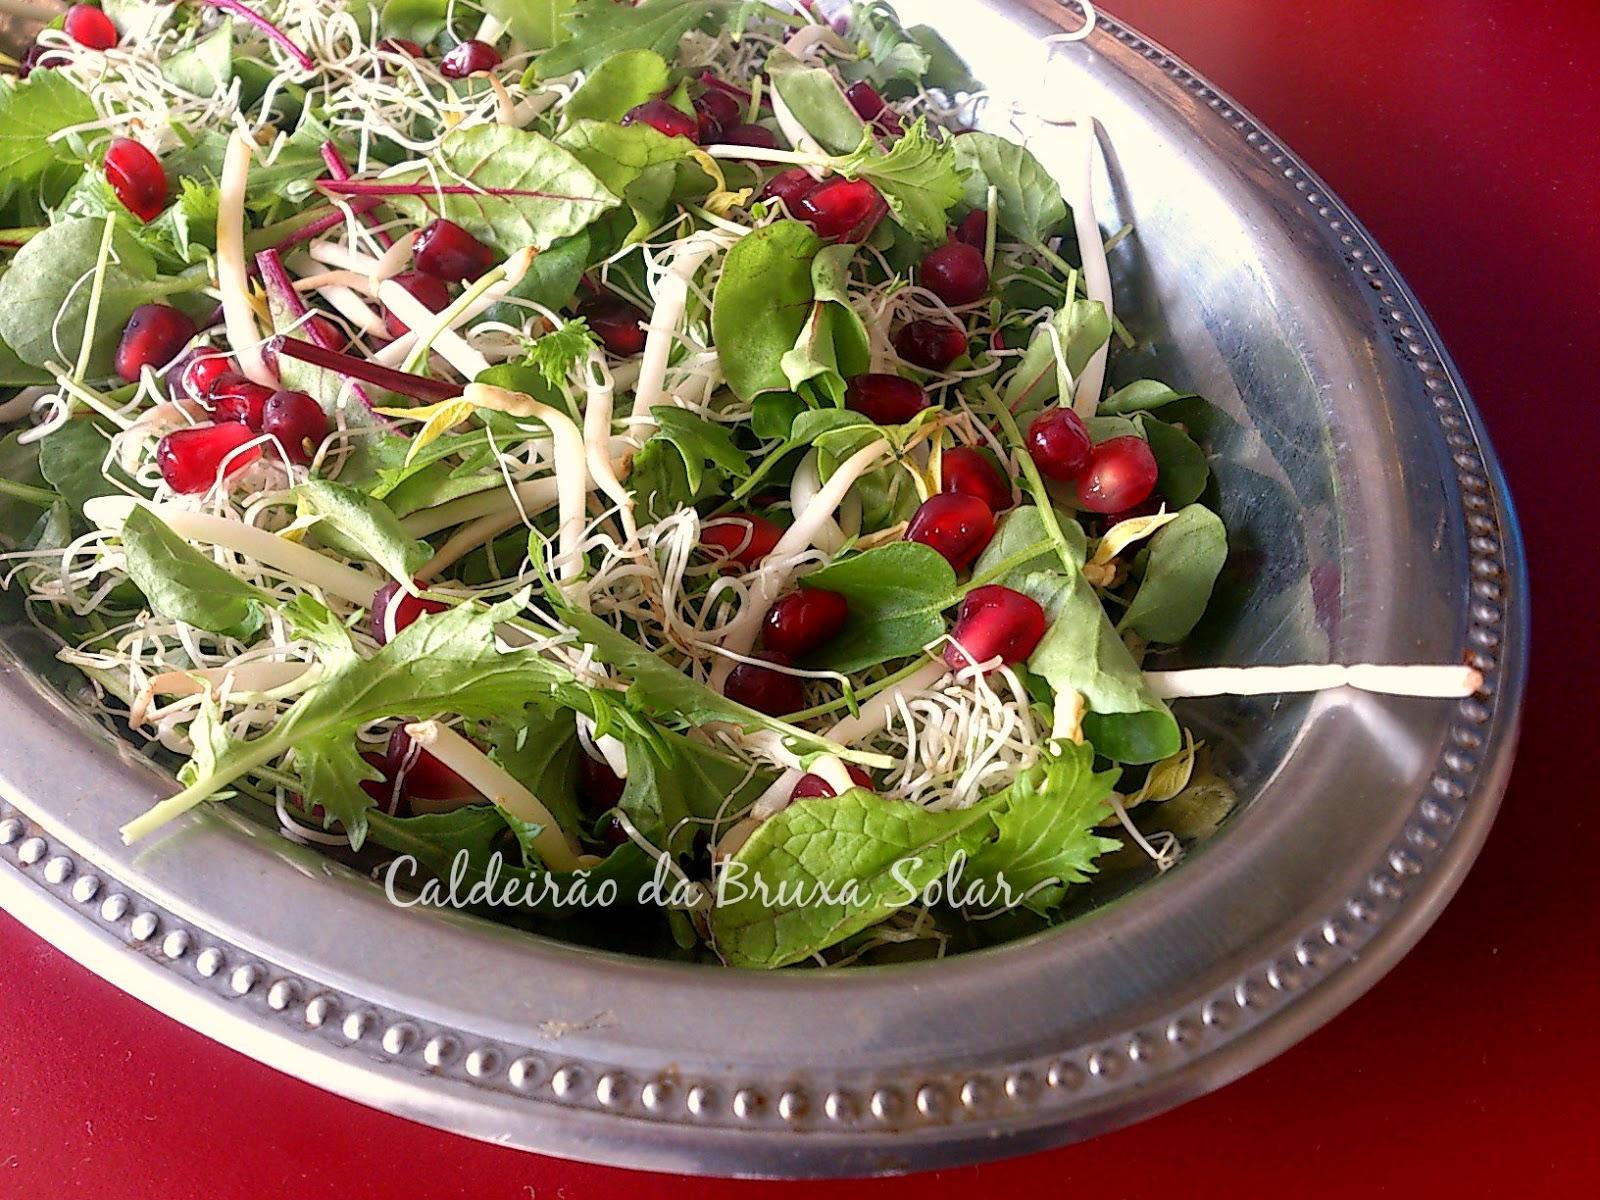 Solar Salada de mini folhas, brotos e romã